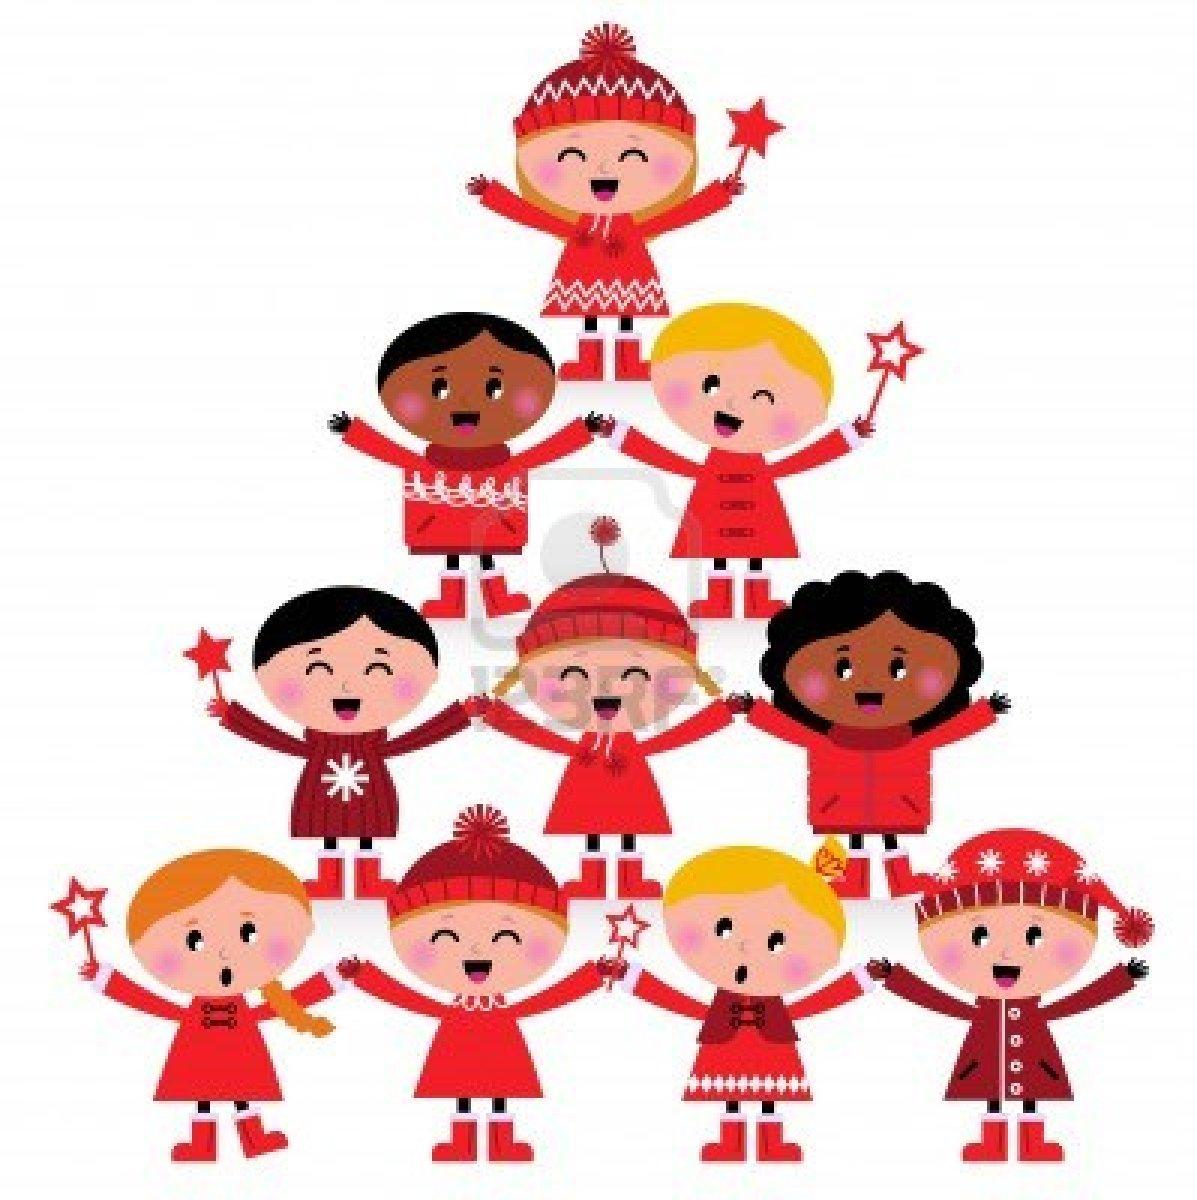 Immagini Feste Di Natale.Feste Di Natale Istituto Sacro Cuore Carpi